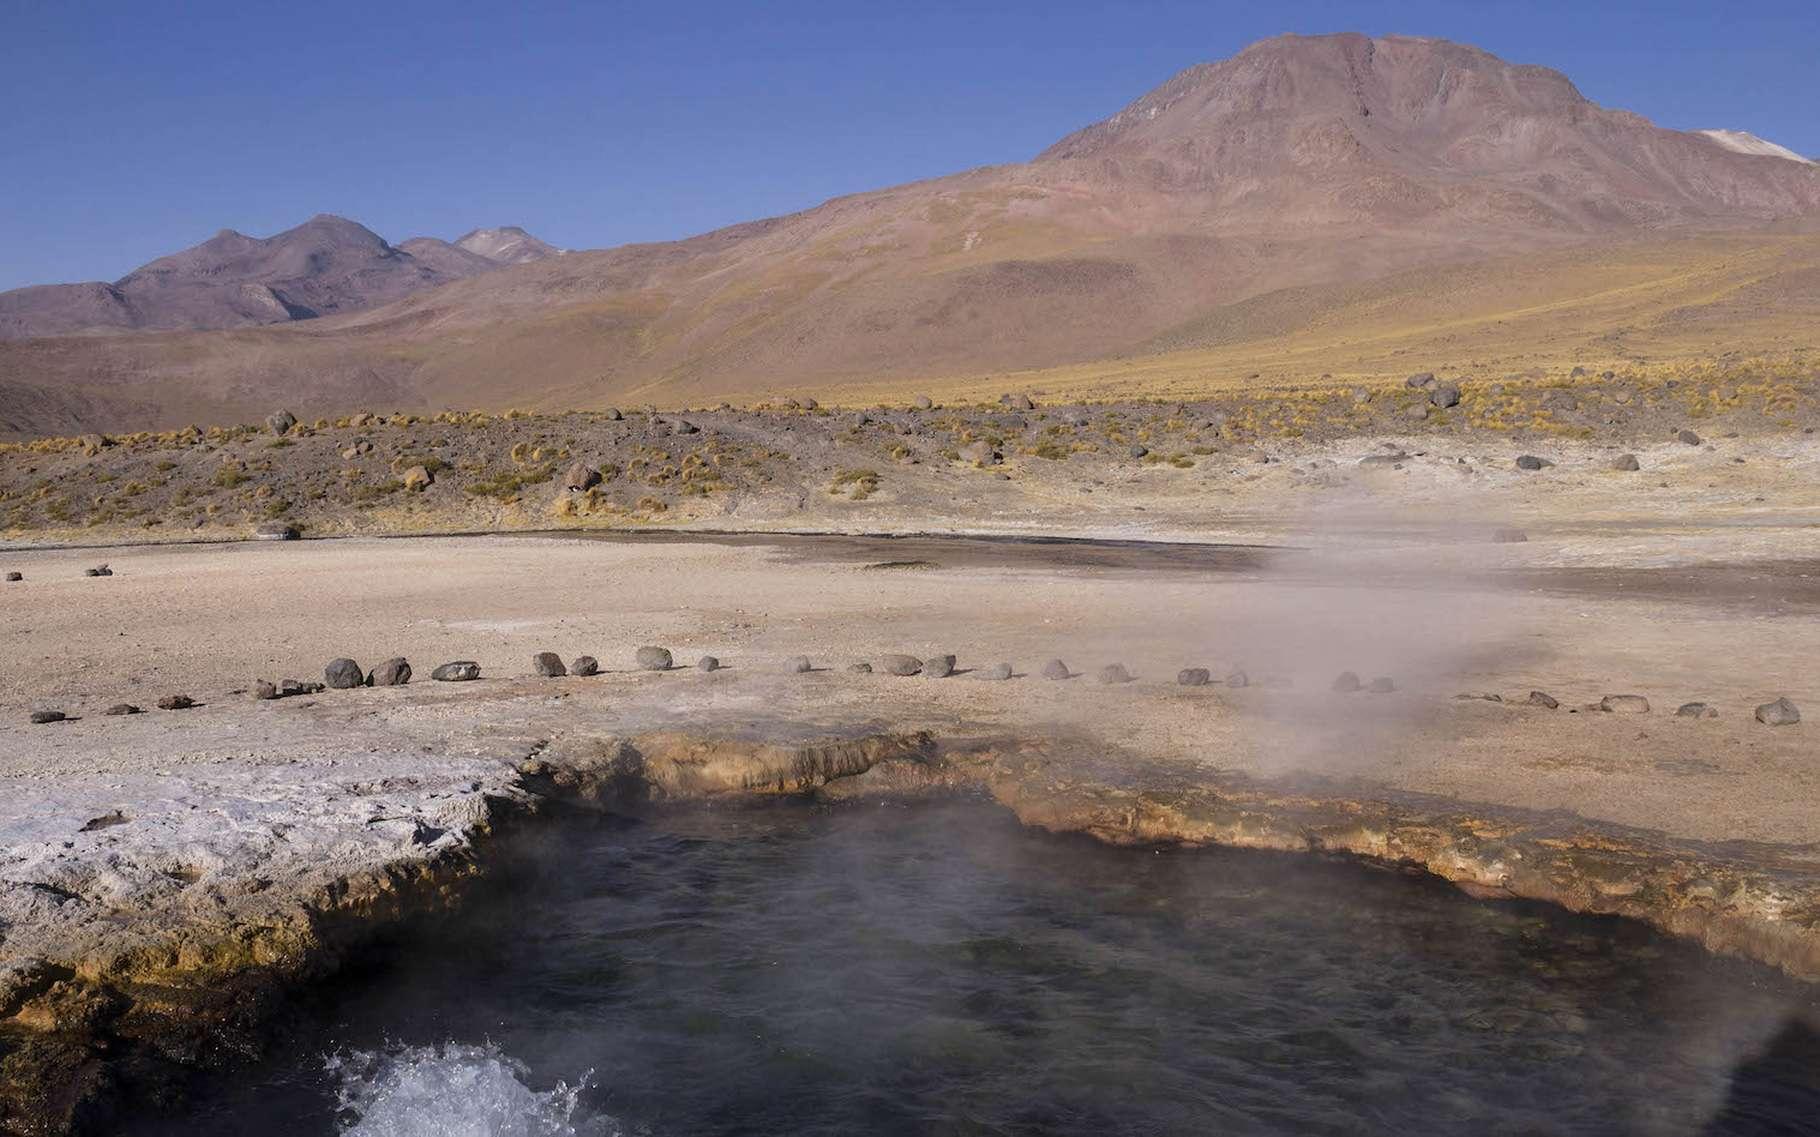 Des chercheurs de l'université de Rutgers ont notamment collecté des bactéries dans cette source d'eau chaude de la région d'El Tatio, au Chili. Ils leur ont trouvé des similitudes génétiques surprenantes avec d'autres bactéries prélevées à des milliers de kilomètres de là. © Yaroslav Ispolatov, université de Santiago du Chili